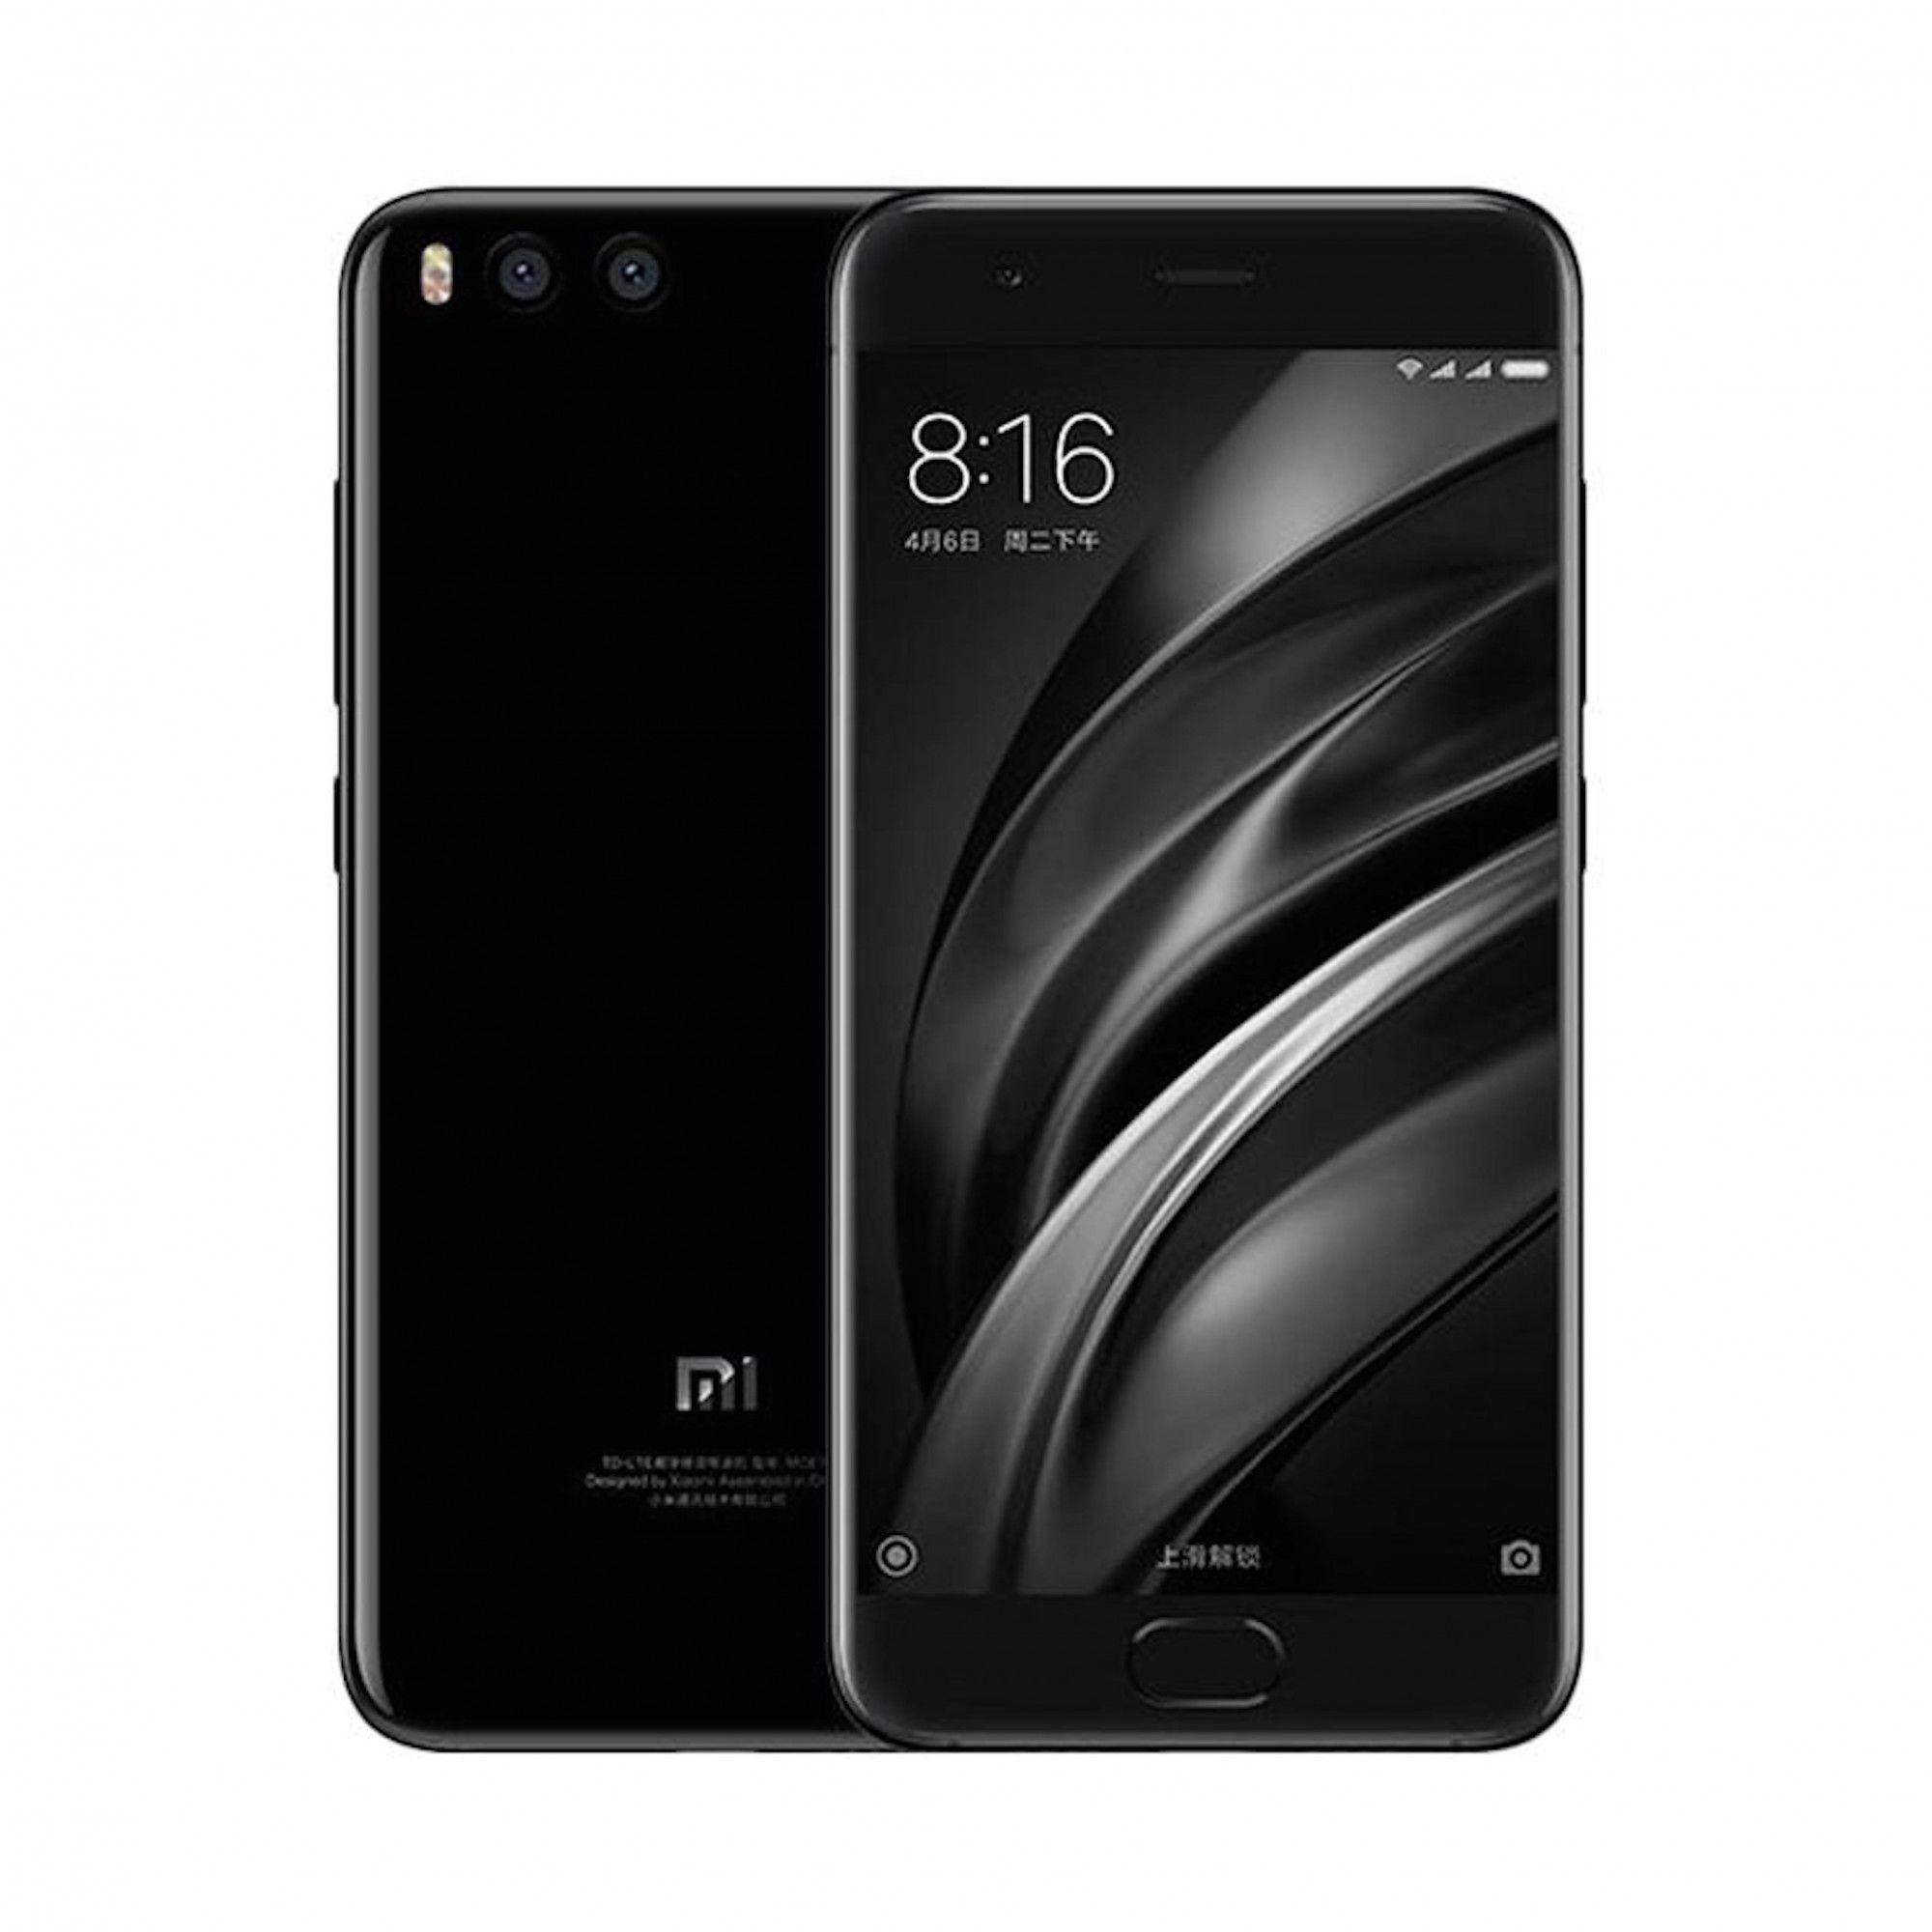 """Xiaomi Mi 6 64/4GB (Snapdragon 835, 5,15"""" FHD, Dual 12MP, Fingerabdrucksensor, Kein B20)   Deutscher Händler"""